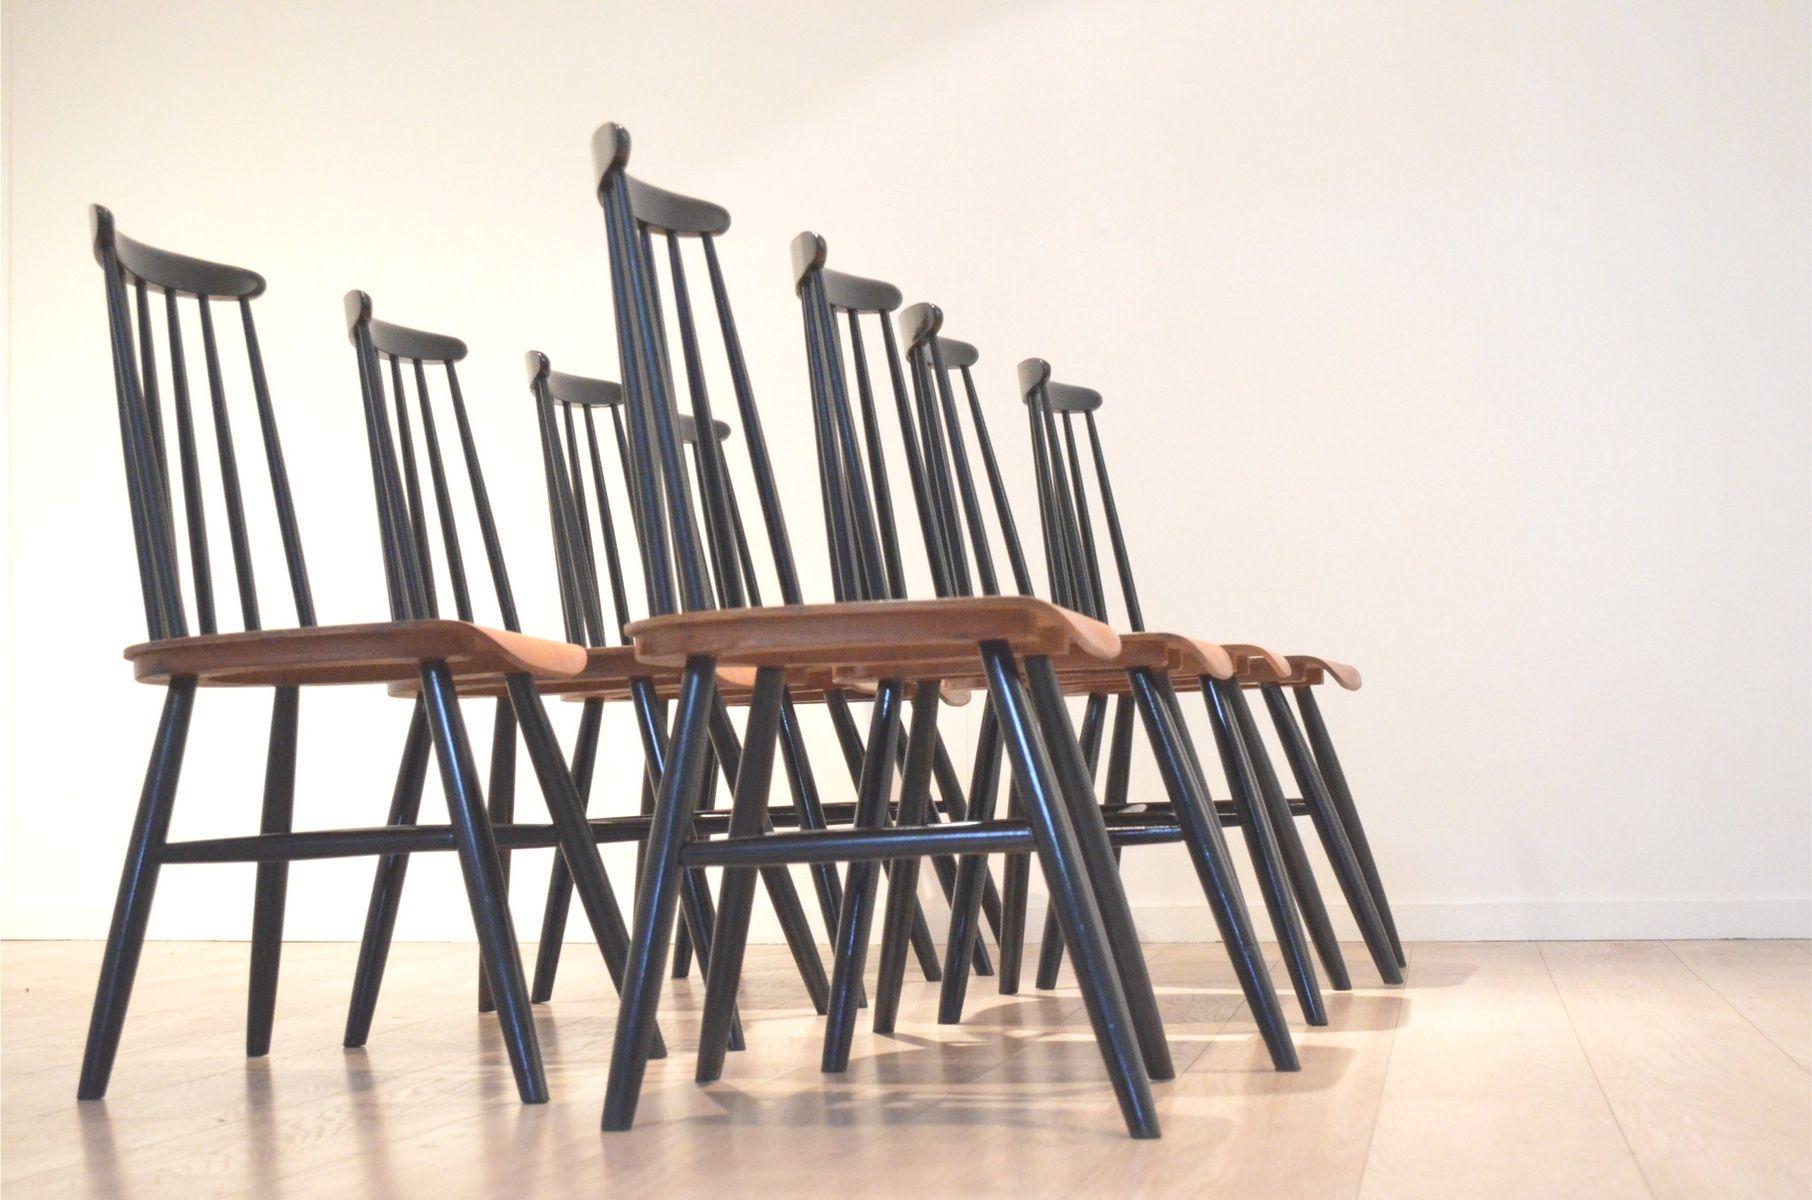 Vintage Fanett Black & Teak Dining Chairs by Ilmari Tapiovaara